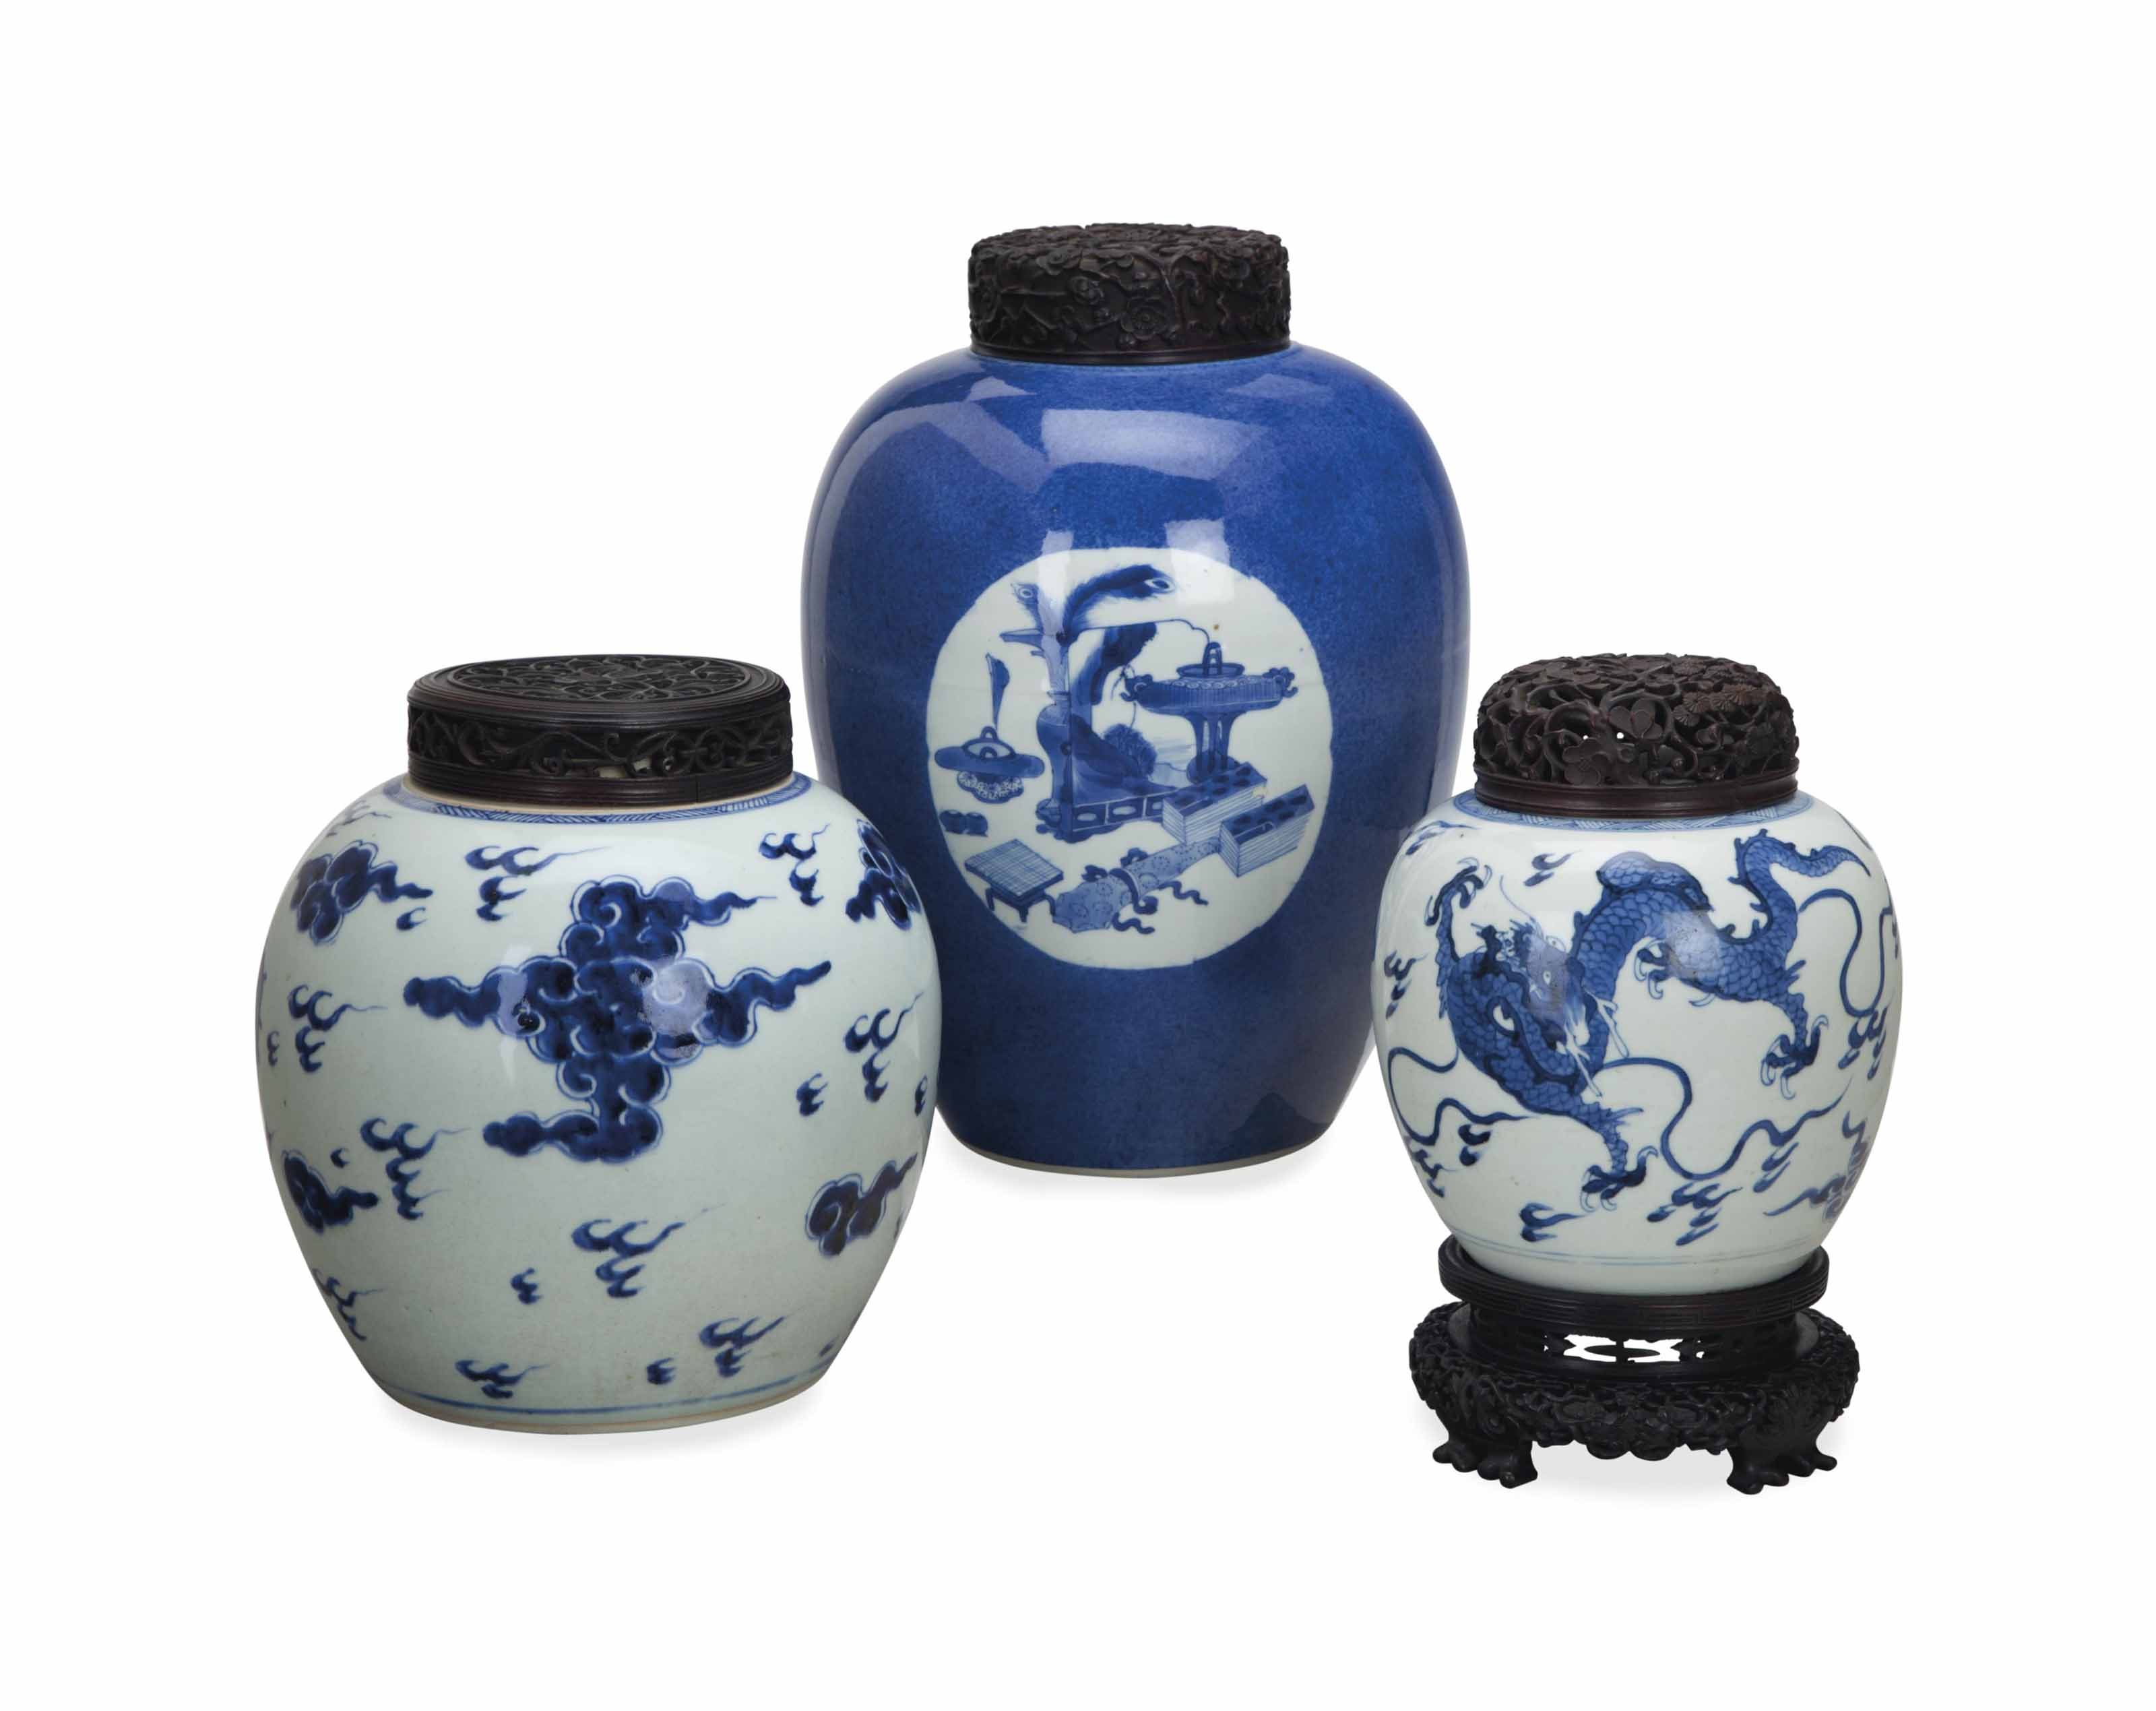 THREE CHINESE BLUE AND WHITE J